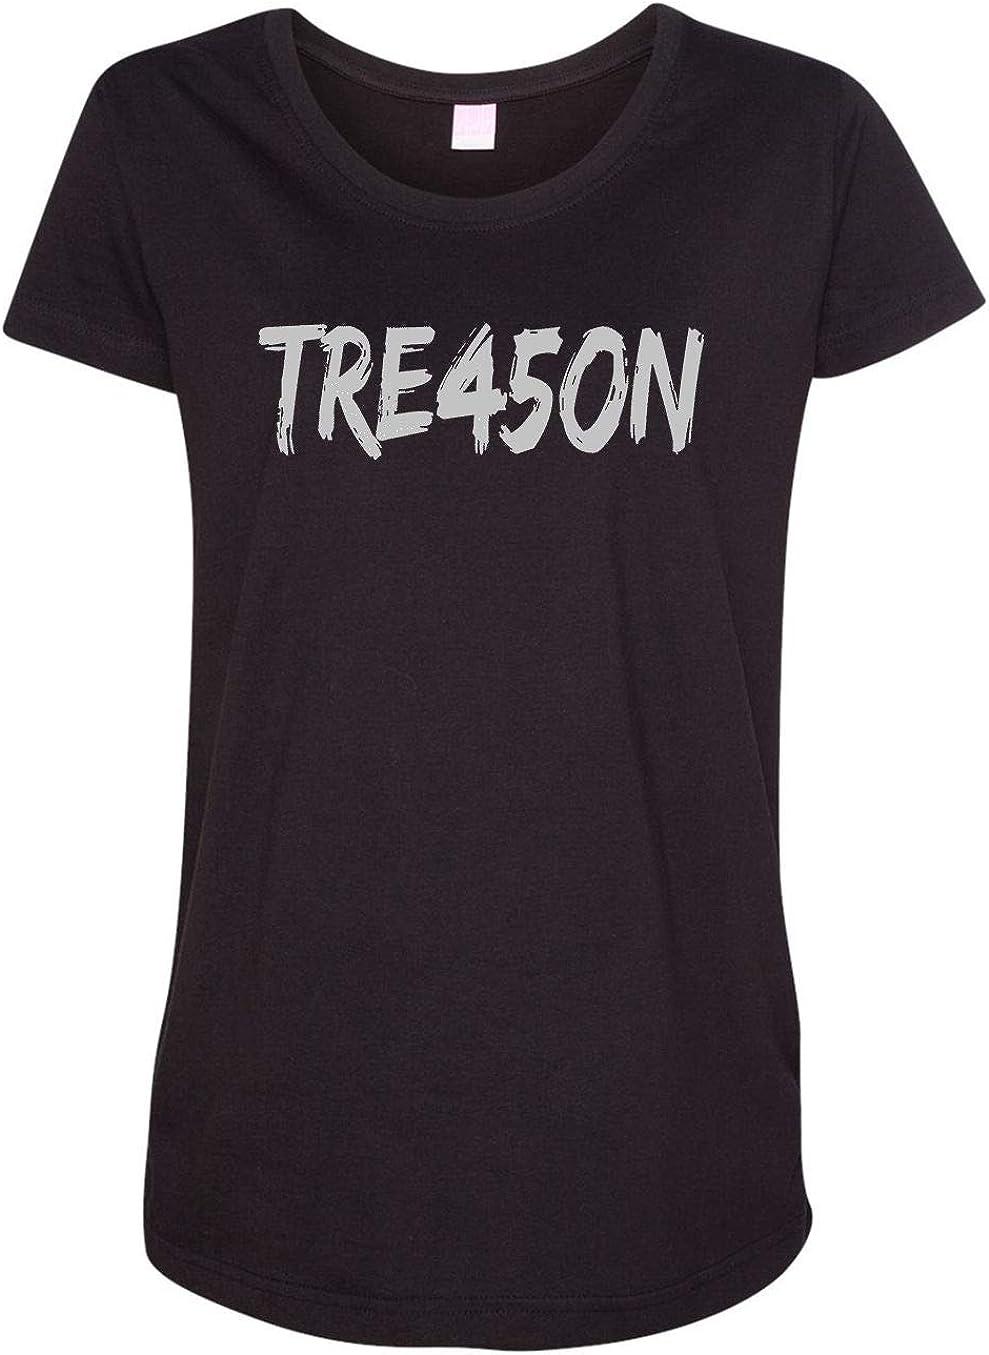 HARD EDGE DESIGN Women's Treason 45 T-Shirt